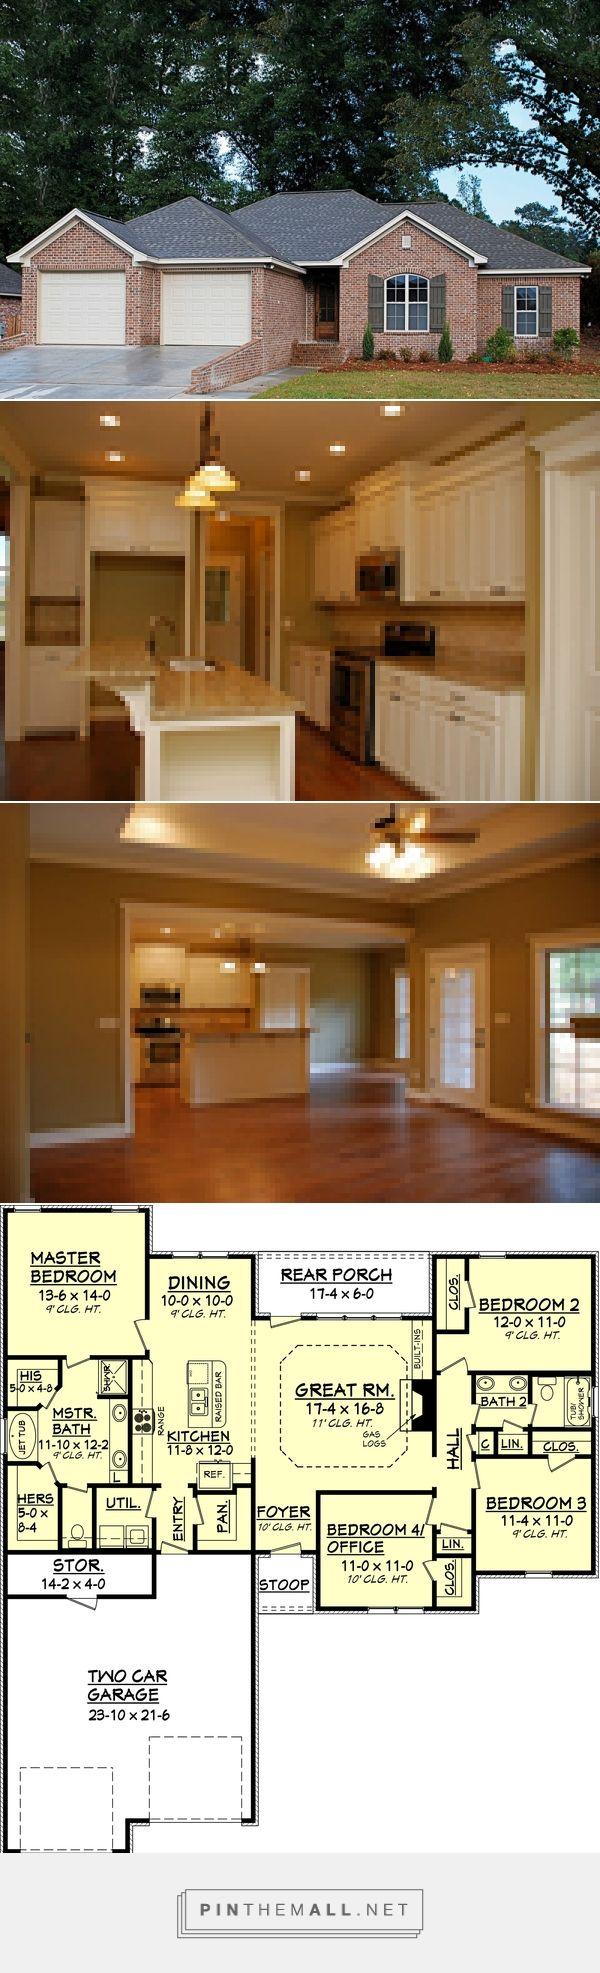 best floor plans images on pinterest floor plans architecture